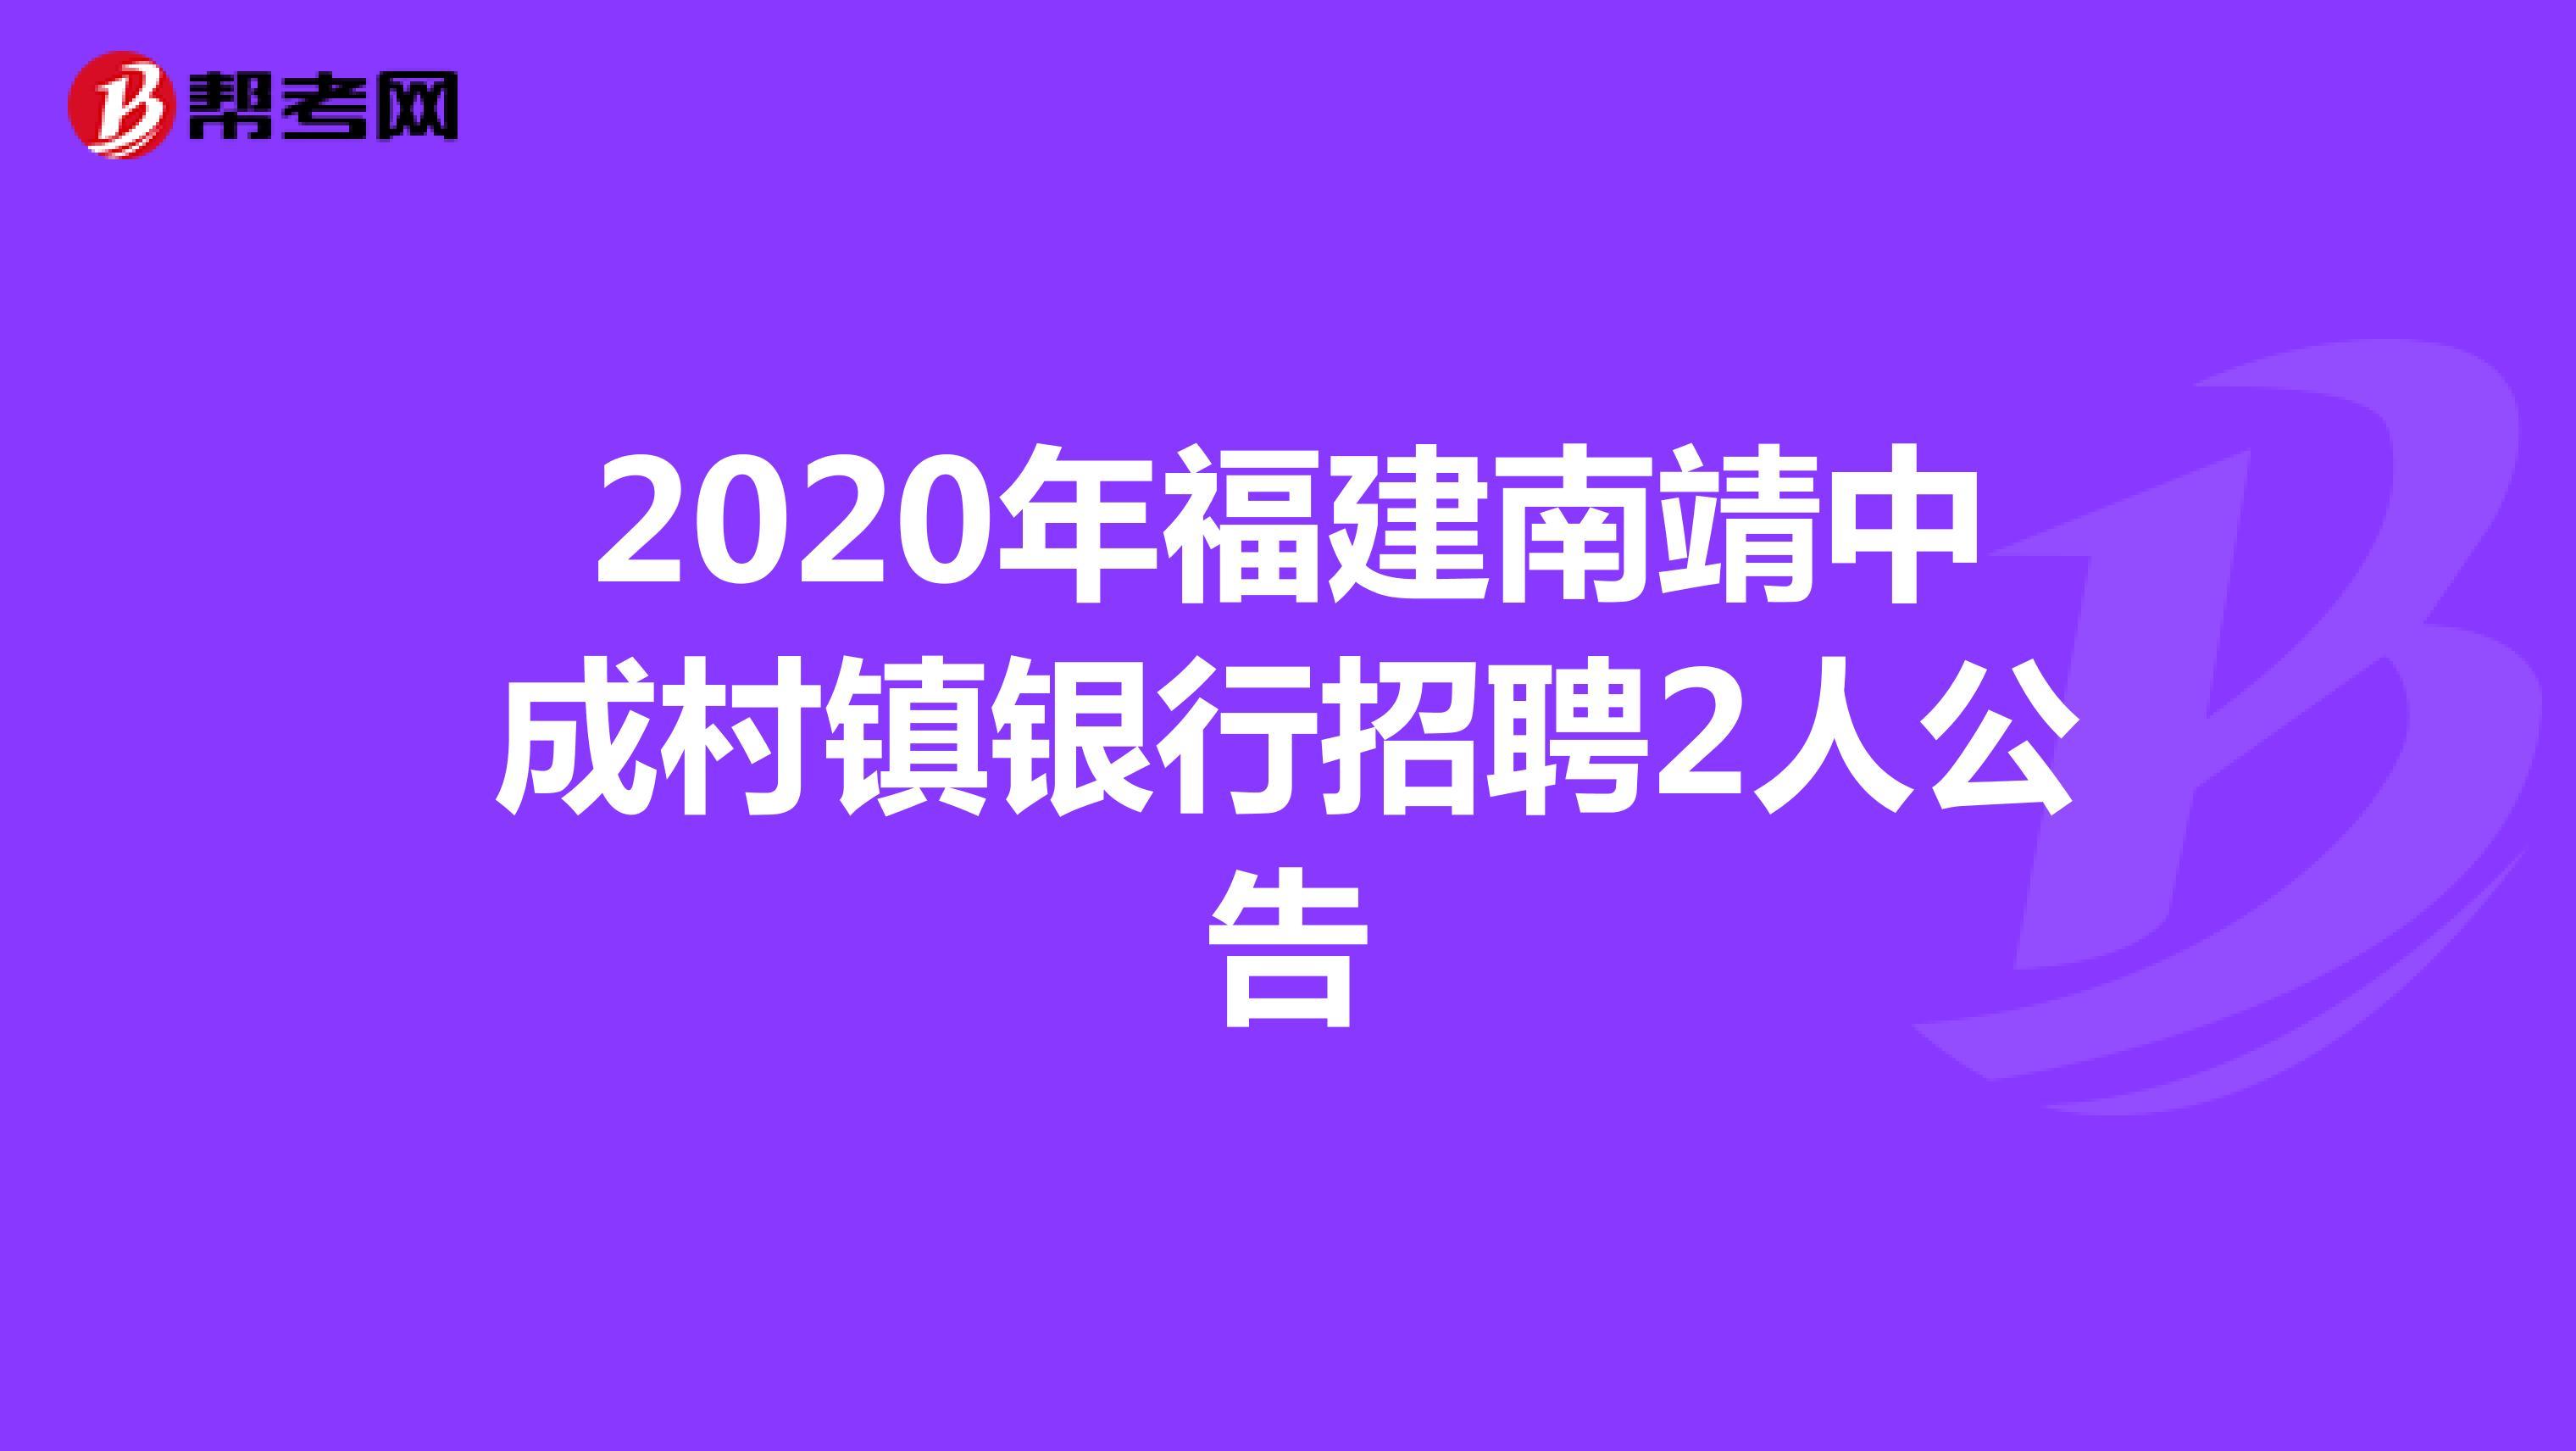 2020年福建南靖中成村镇银行招聘2人公告